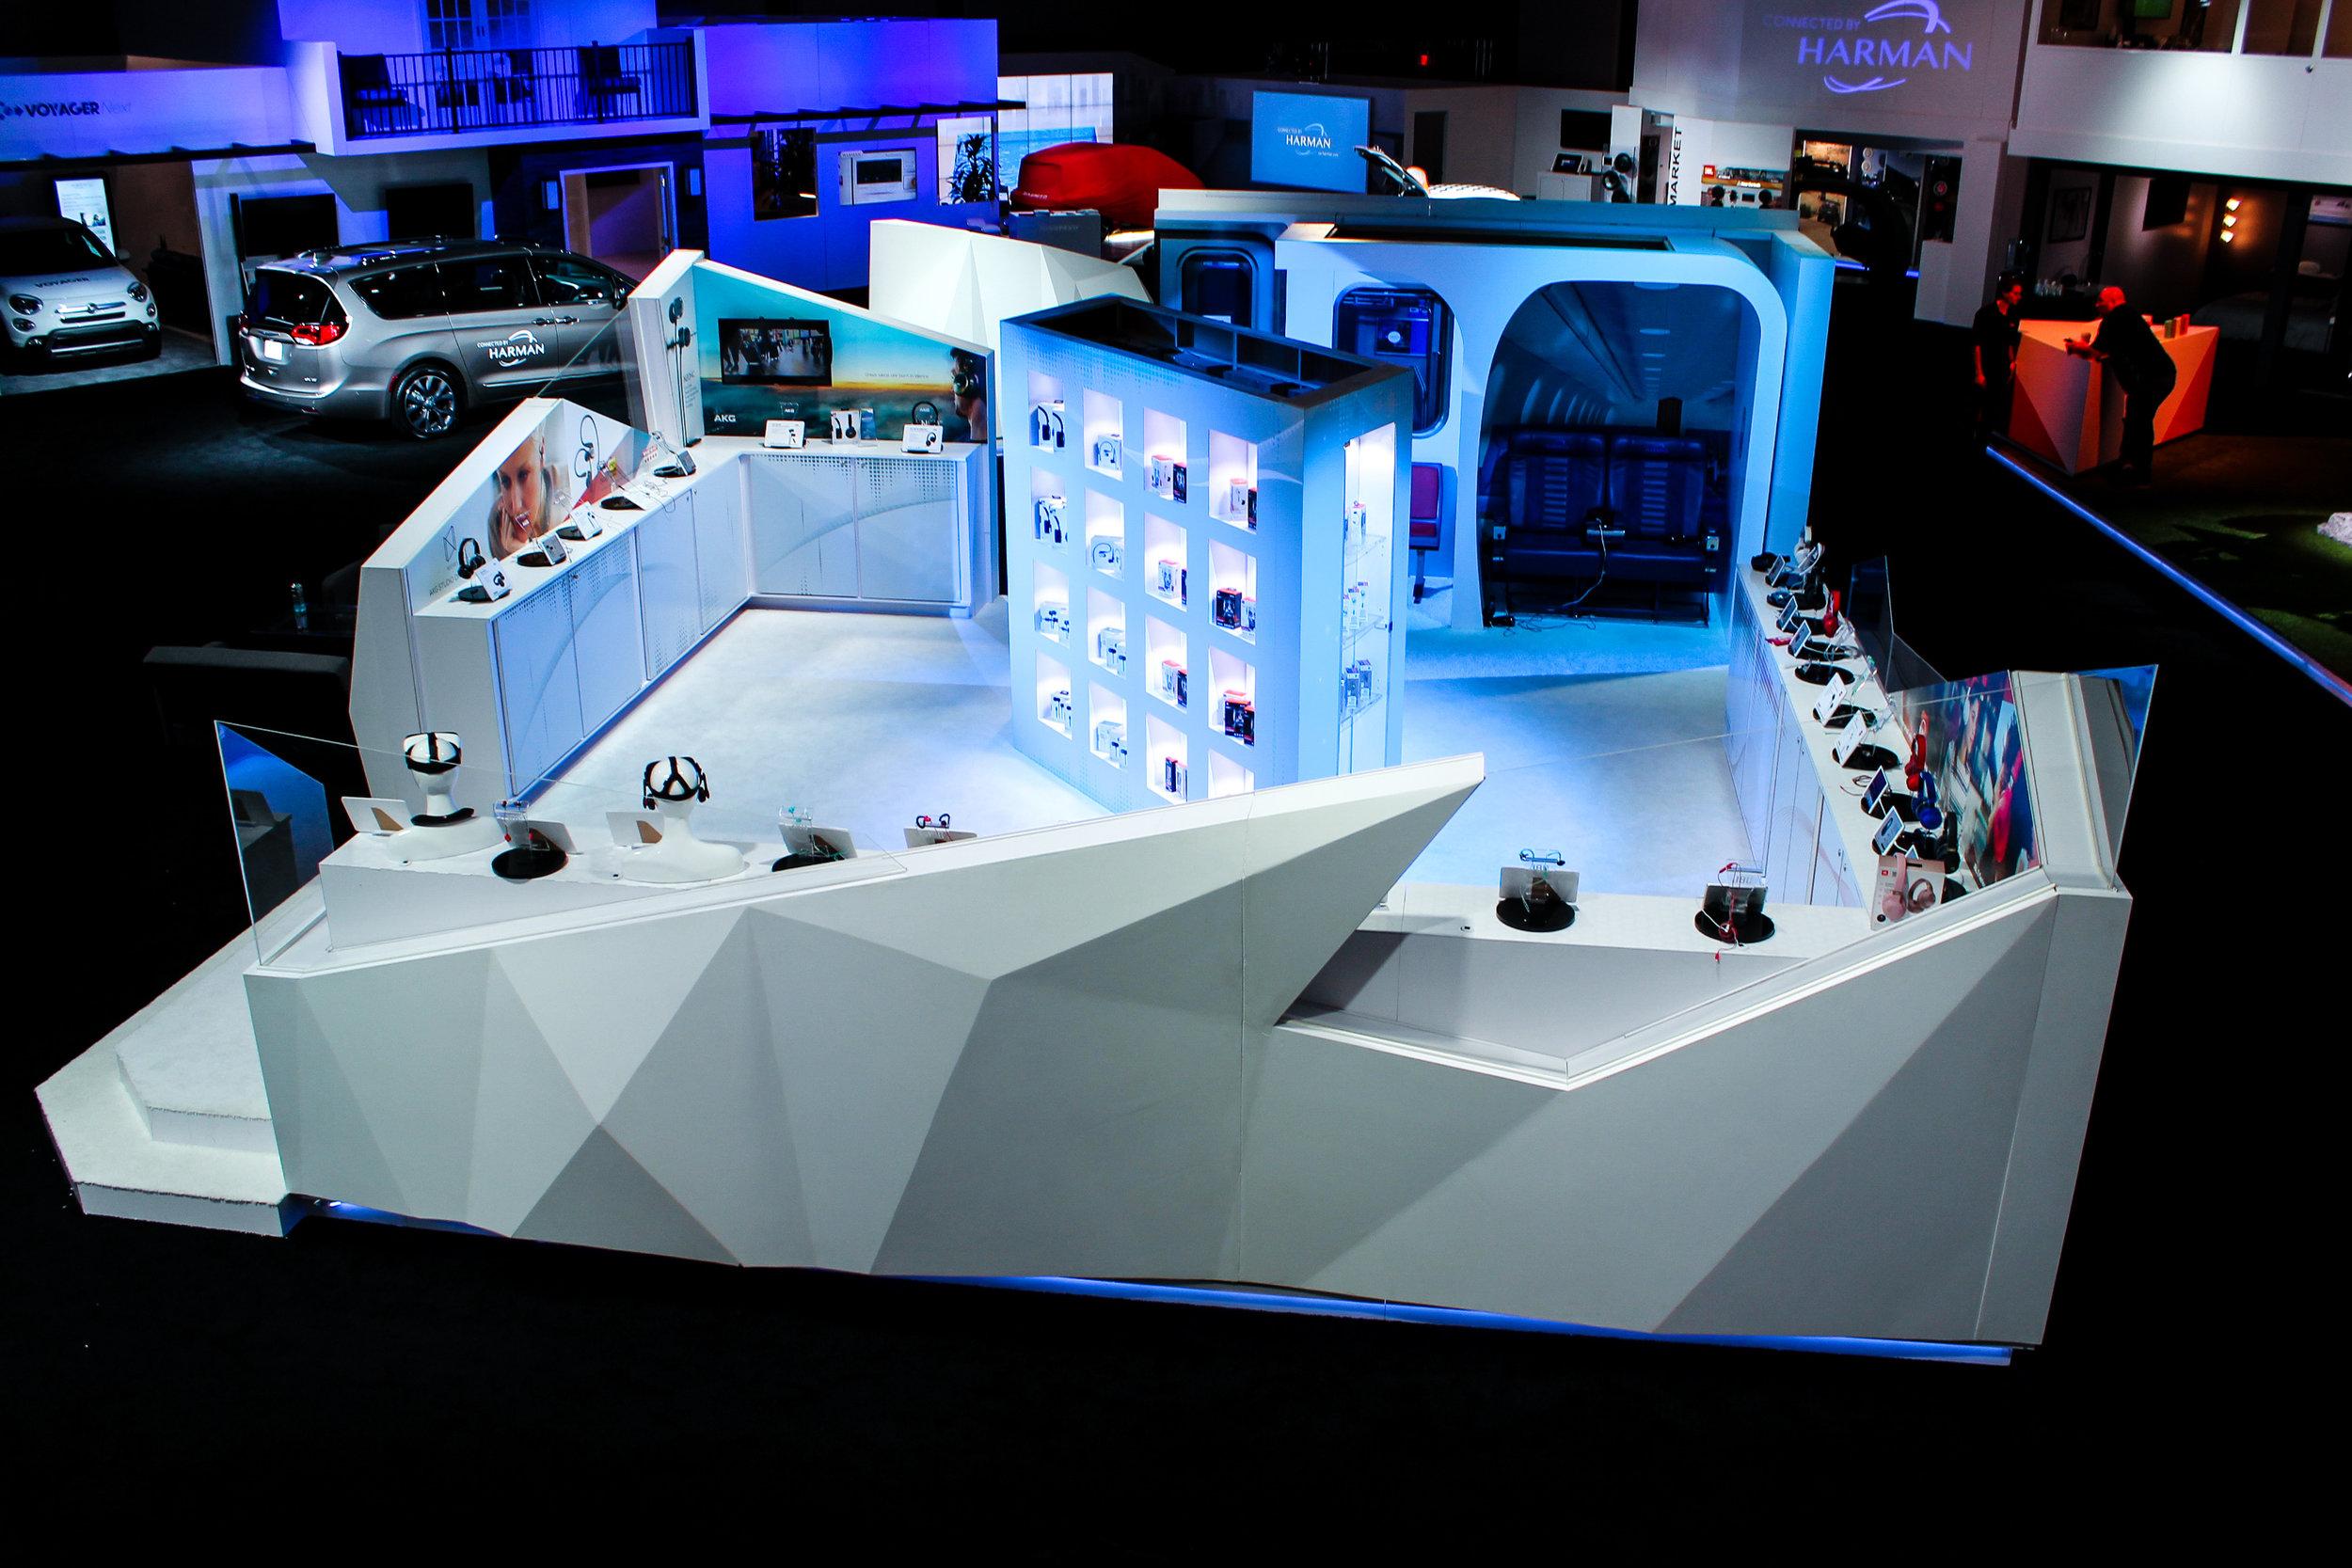 Harman CES Cube.jpg